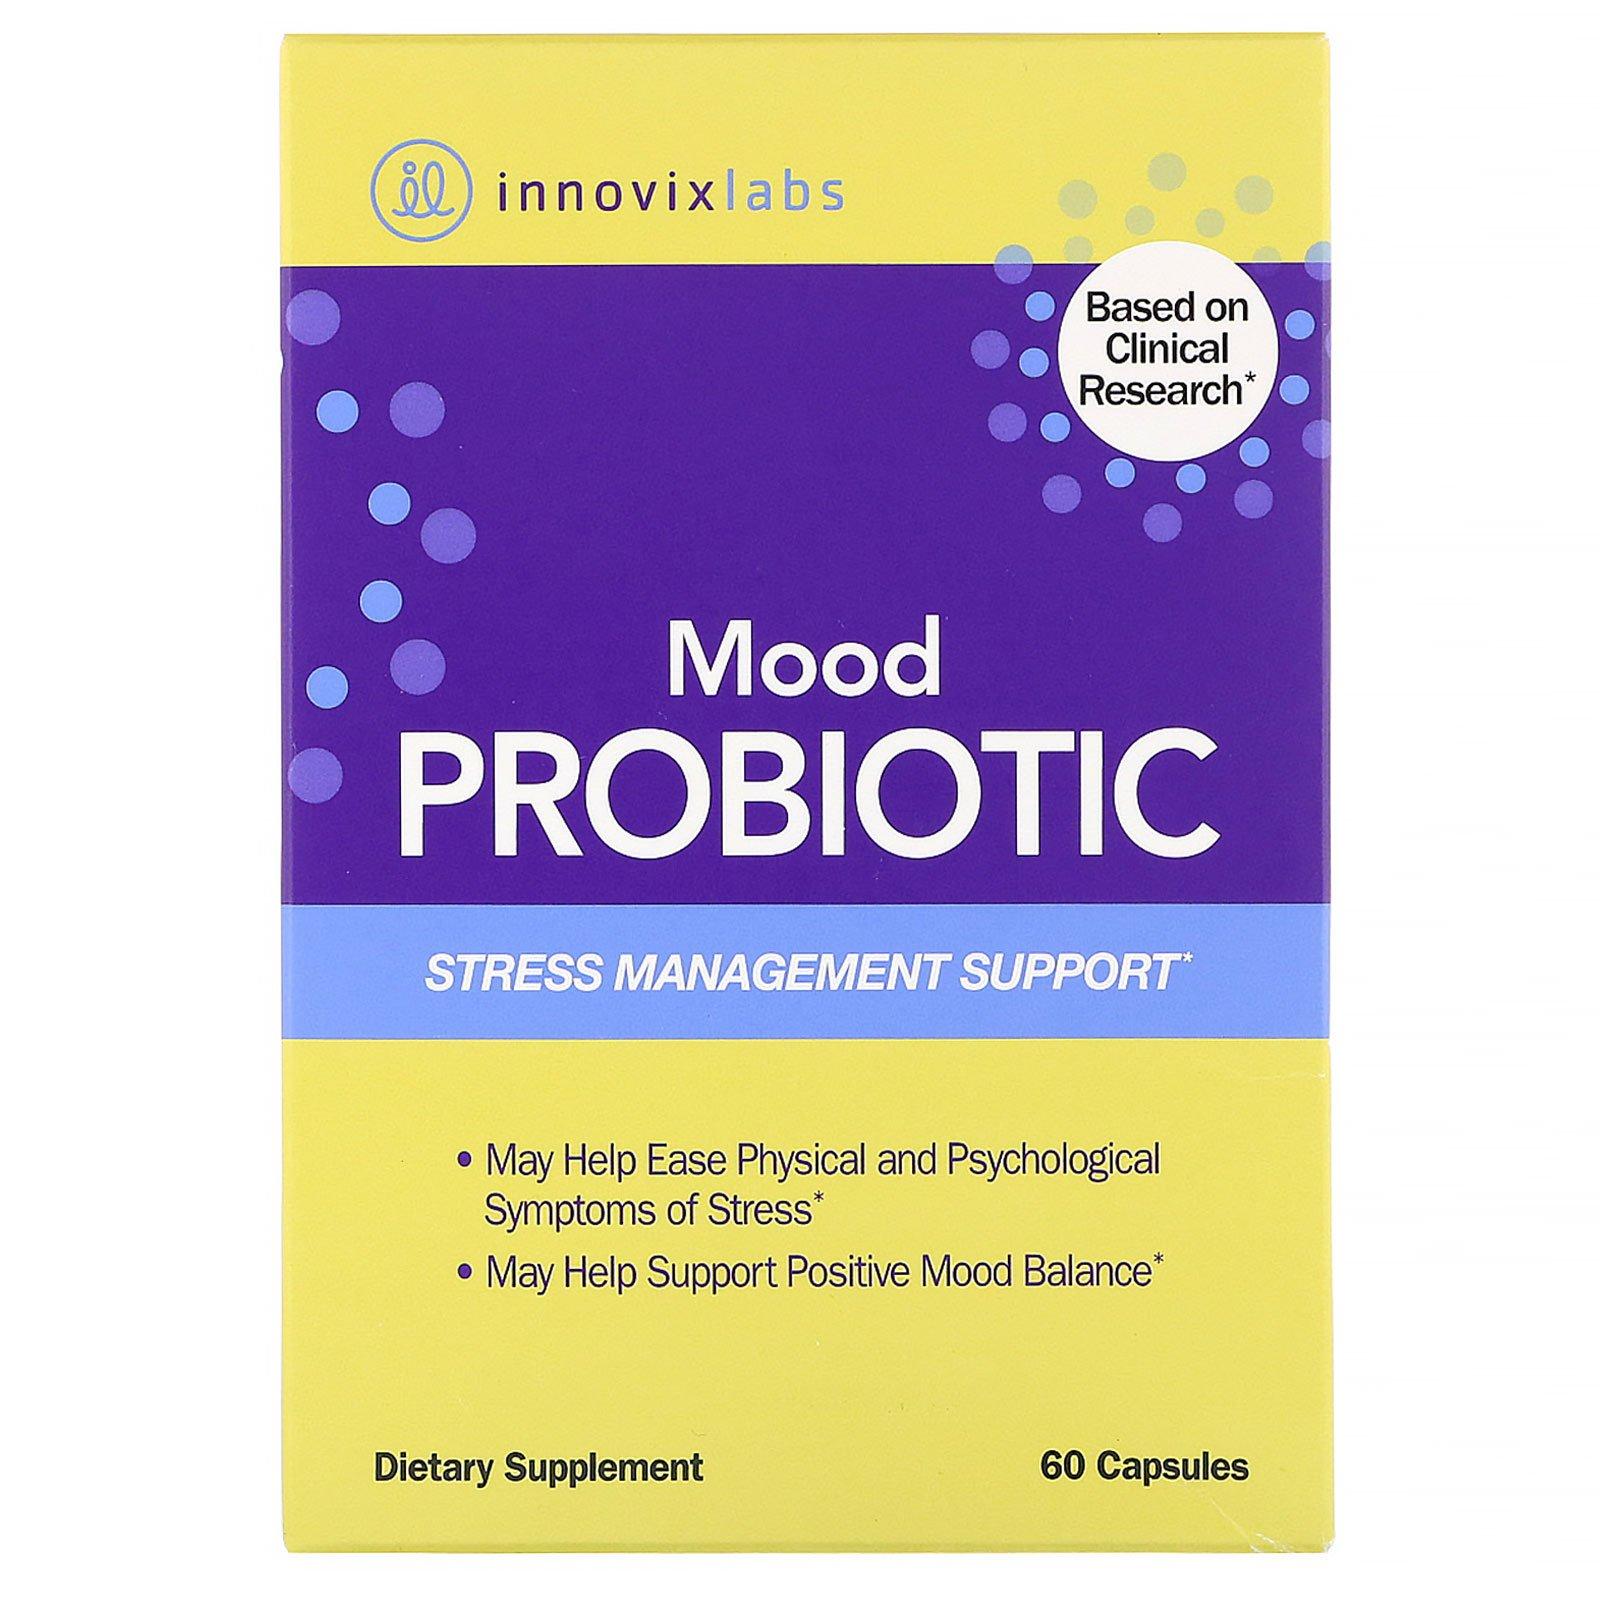 InnovixLabs, пробиотик для улучшения настроения, помощь в борьбе со стрессом, 60 капсул